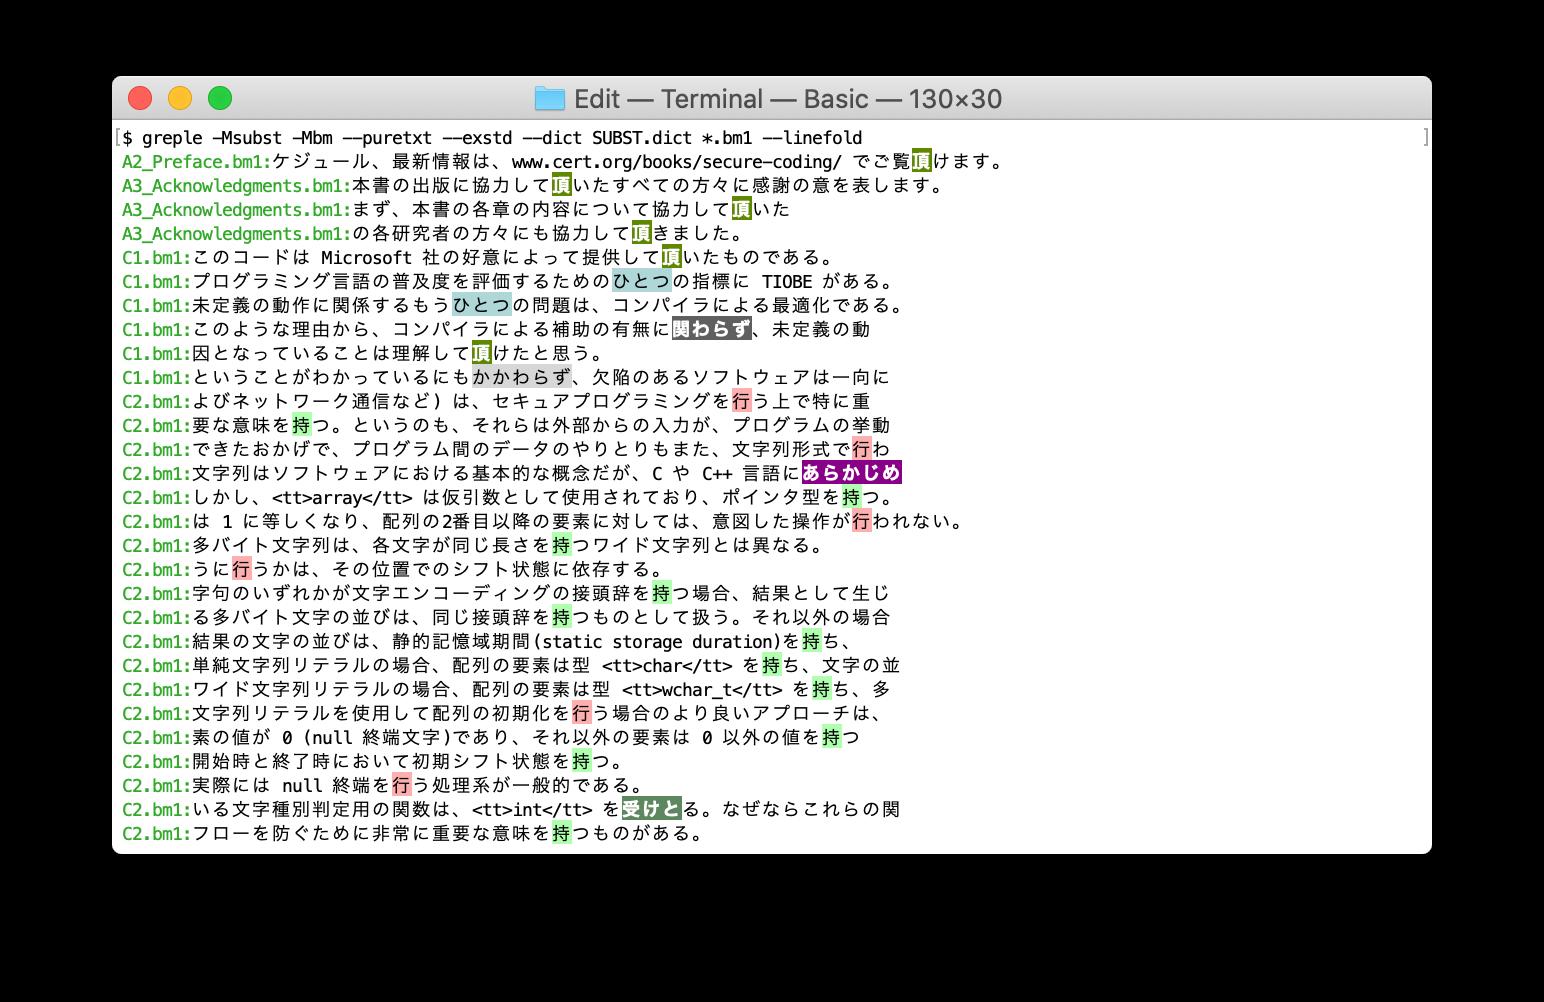 スクリーンショット 2020-03-03 09.29.33.png